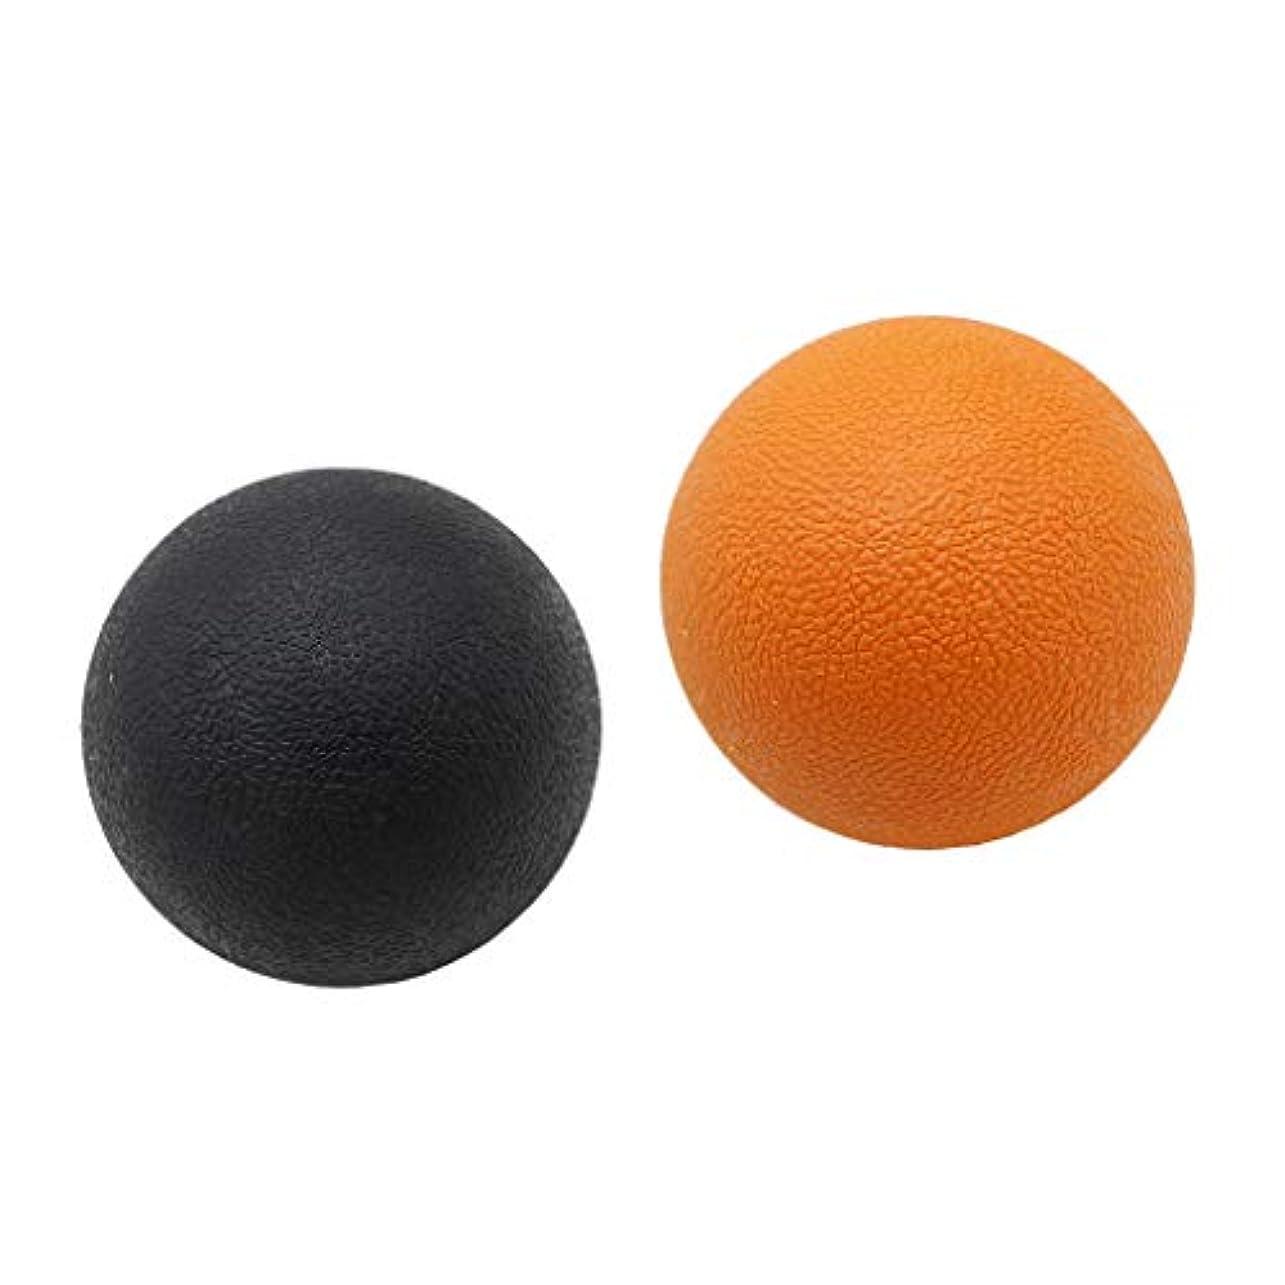 本物ラボ進化するマッサージボール トリガーポイント ストレッチボール トレーニング 背中 肩 腰 マッサージ 多色選べる - オレンジブラック